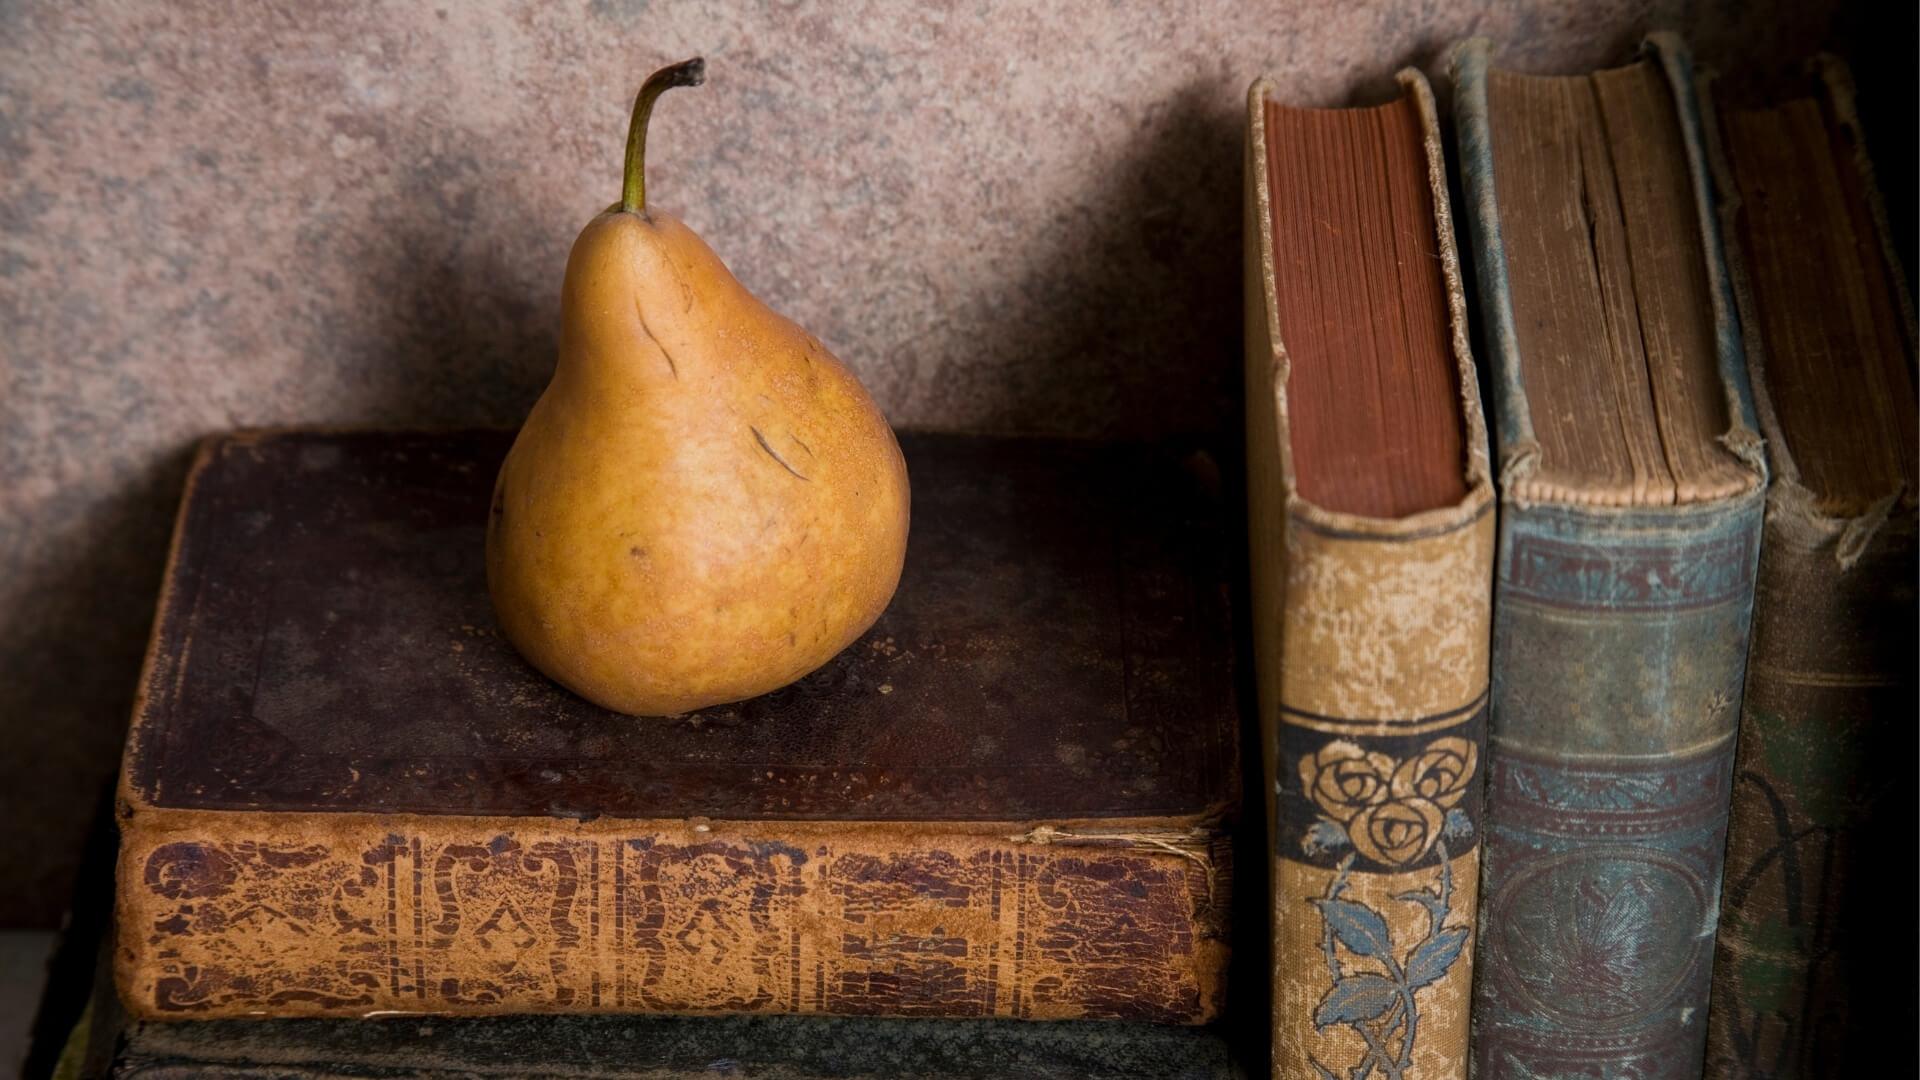 Storia e origini della pera